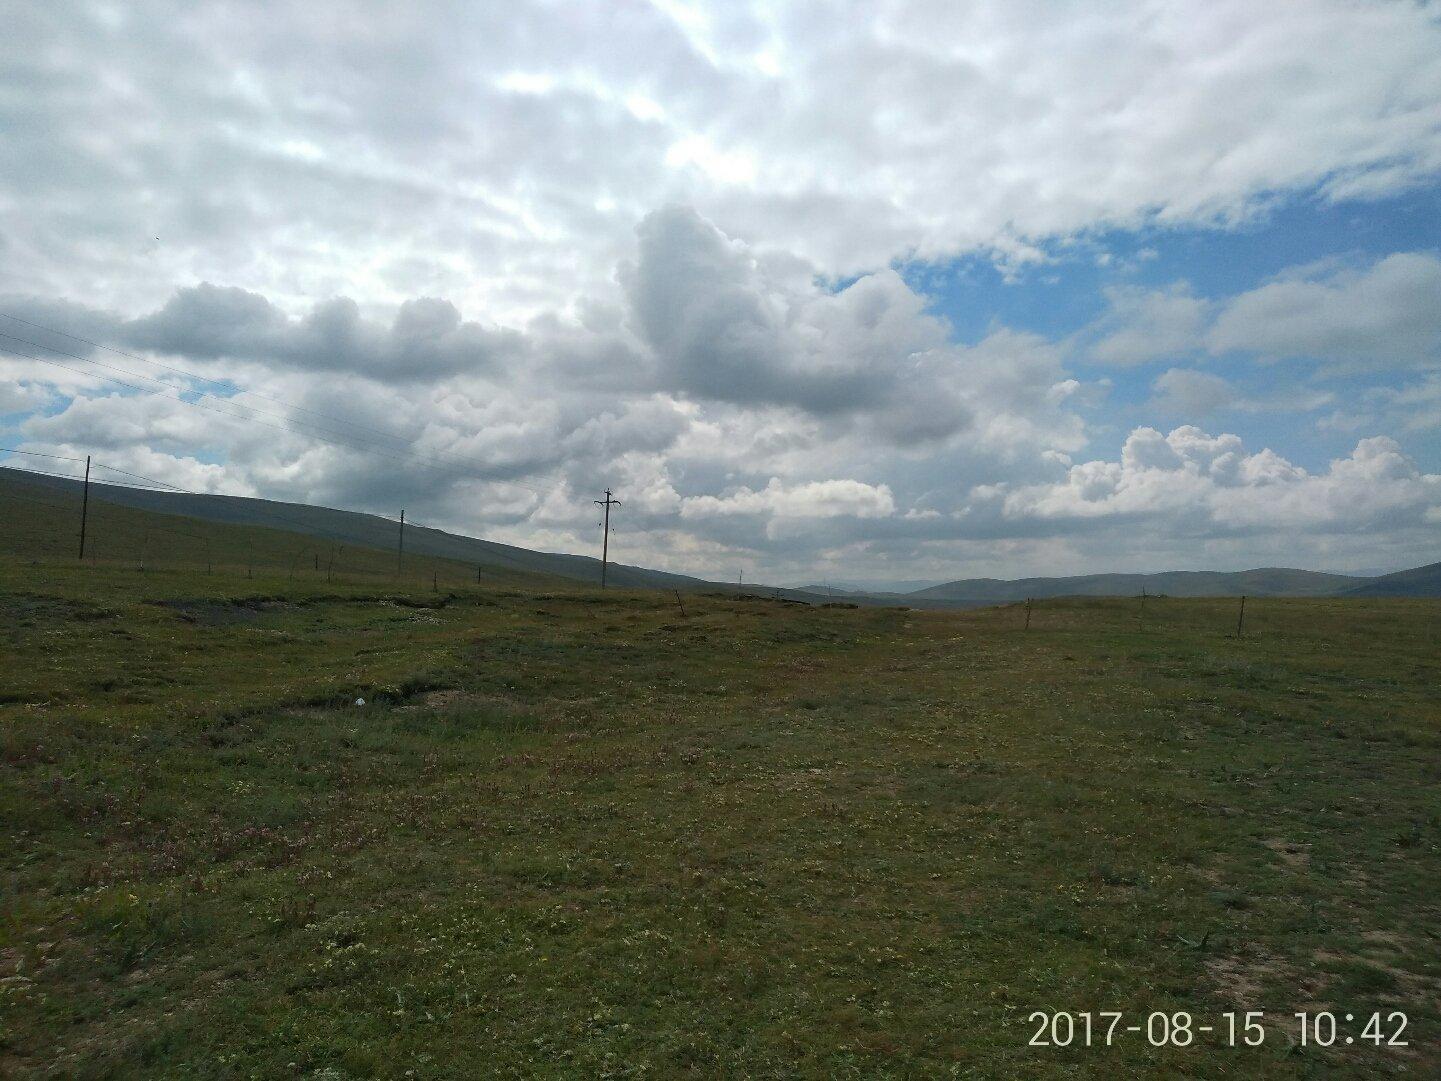 甘肃省甘南藏族自治州碌曲县213国道靠近尕海公路养护站天气预报